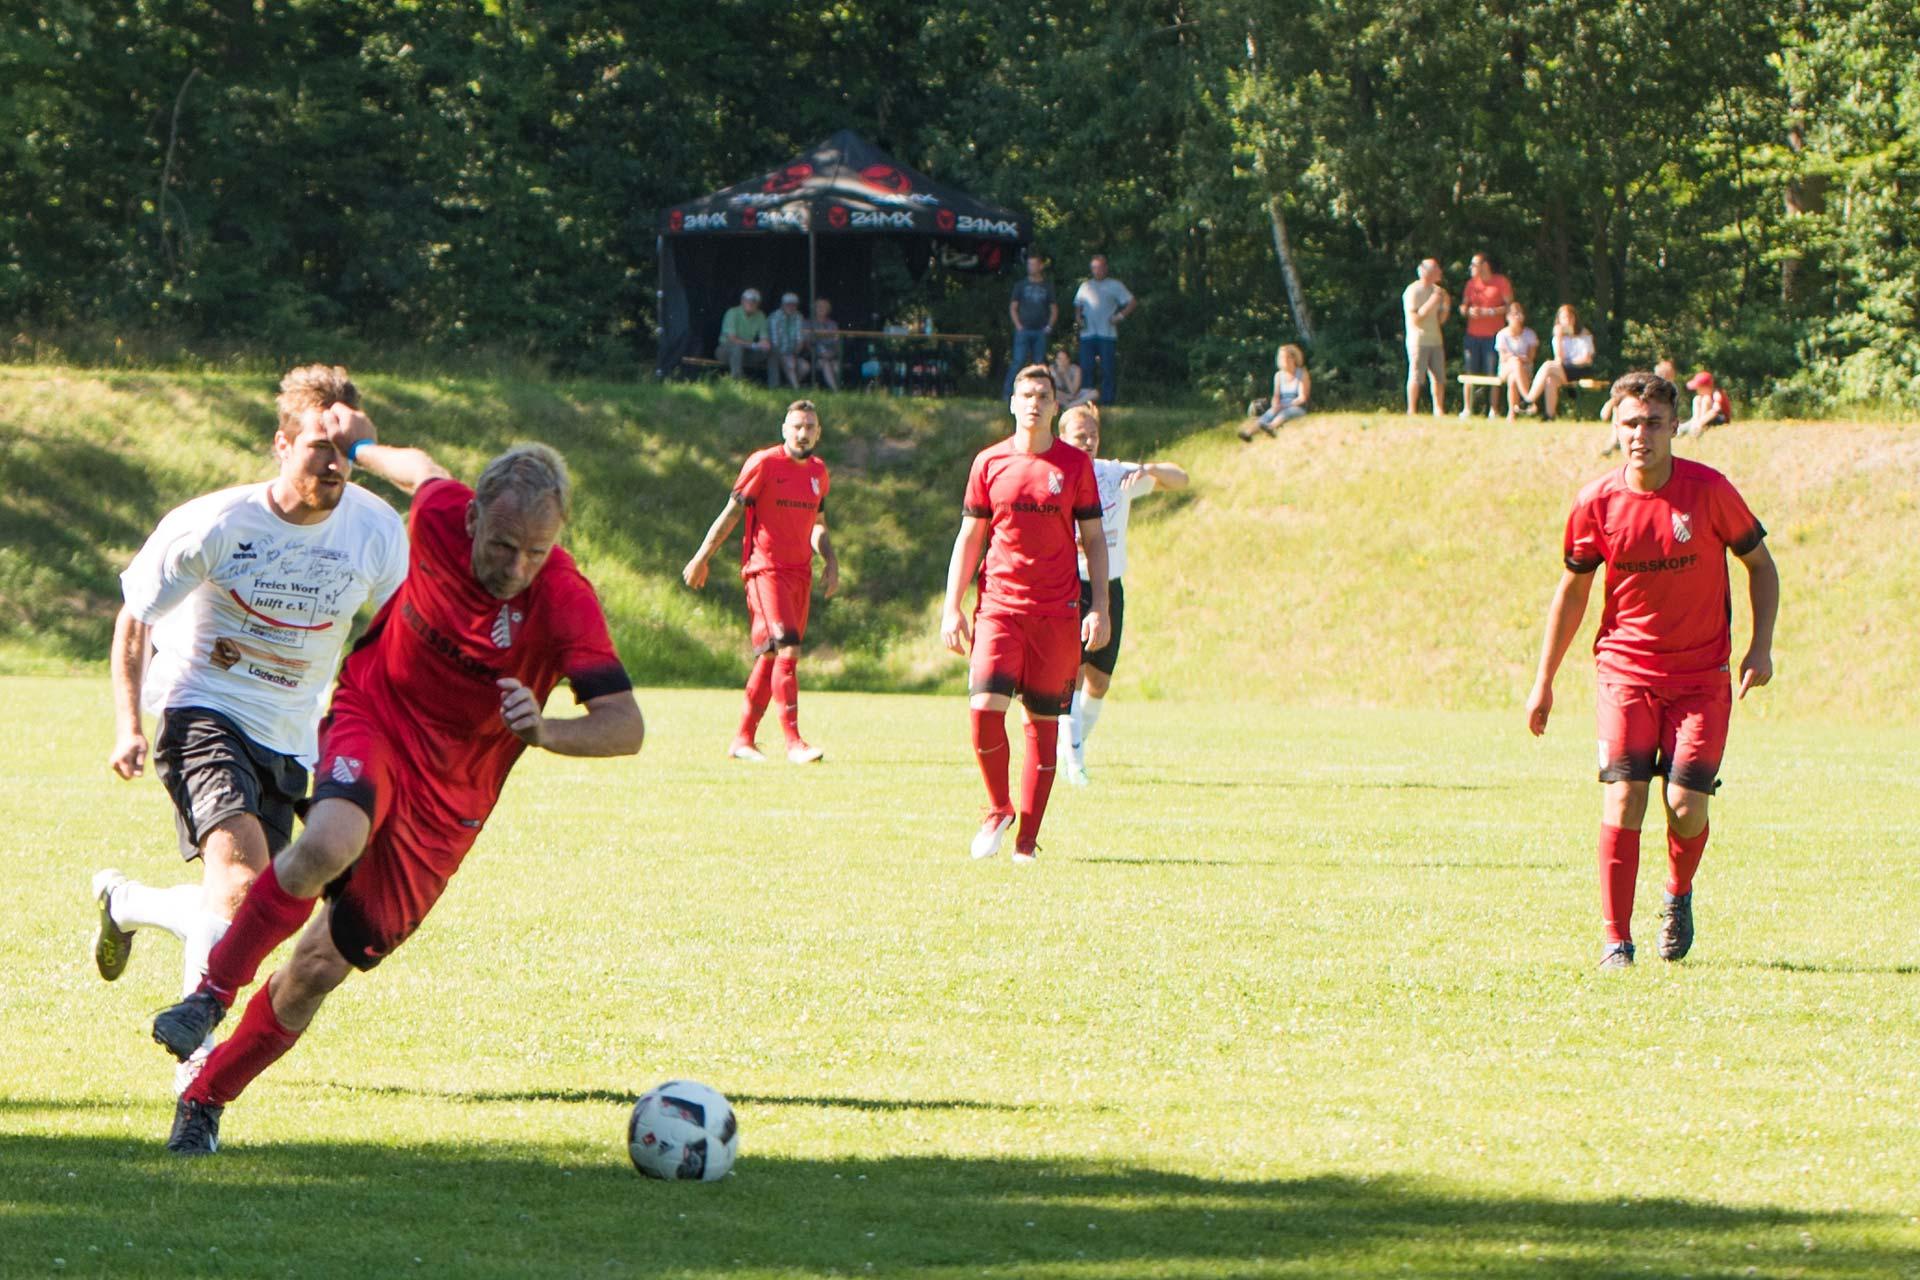 Eventfotografie - Stuermer beim Fussballspiel